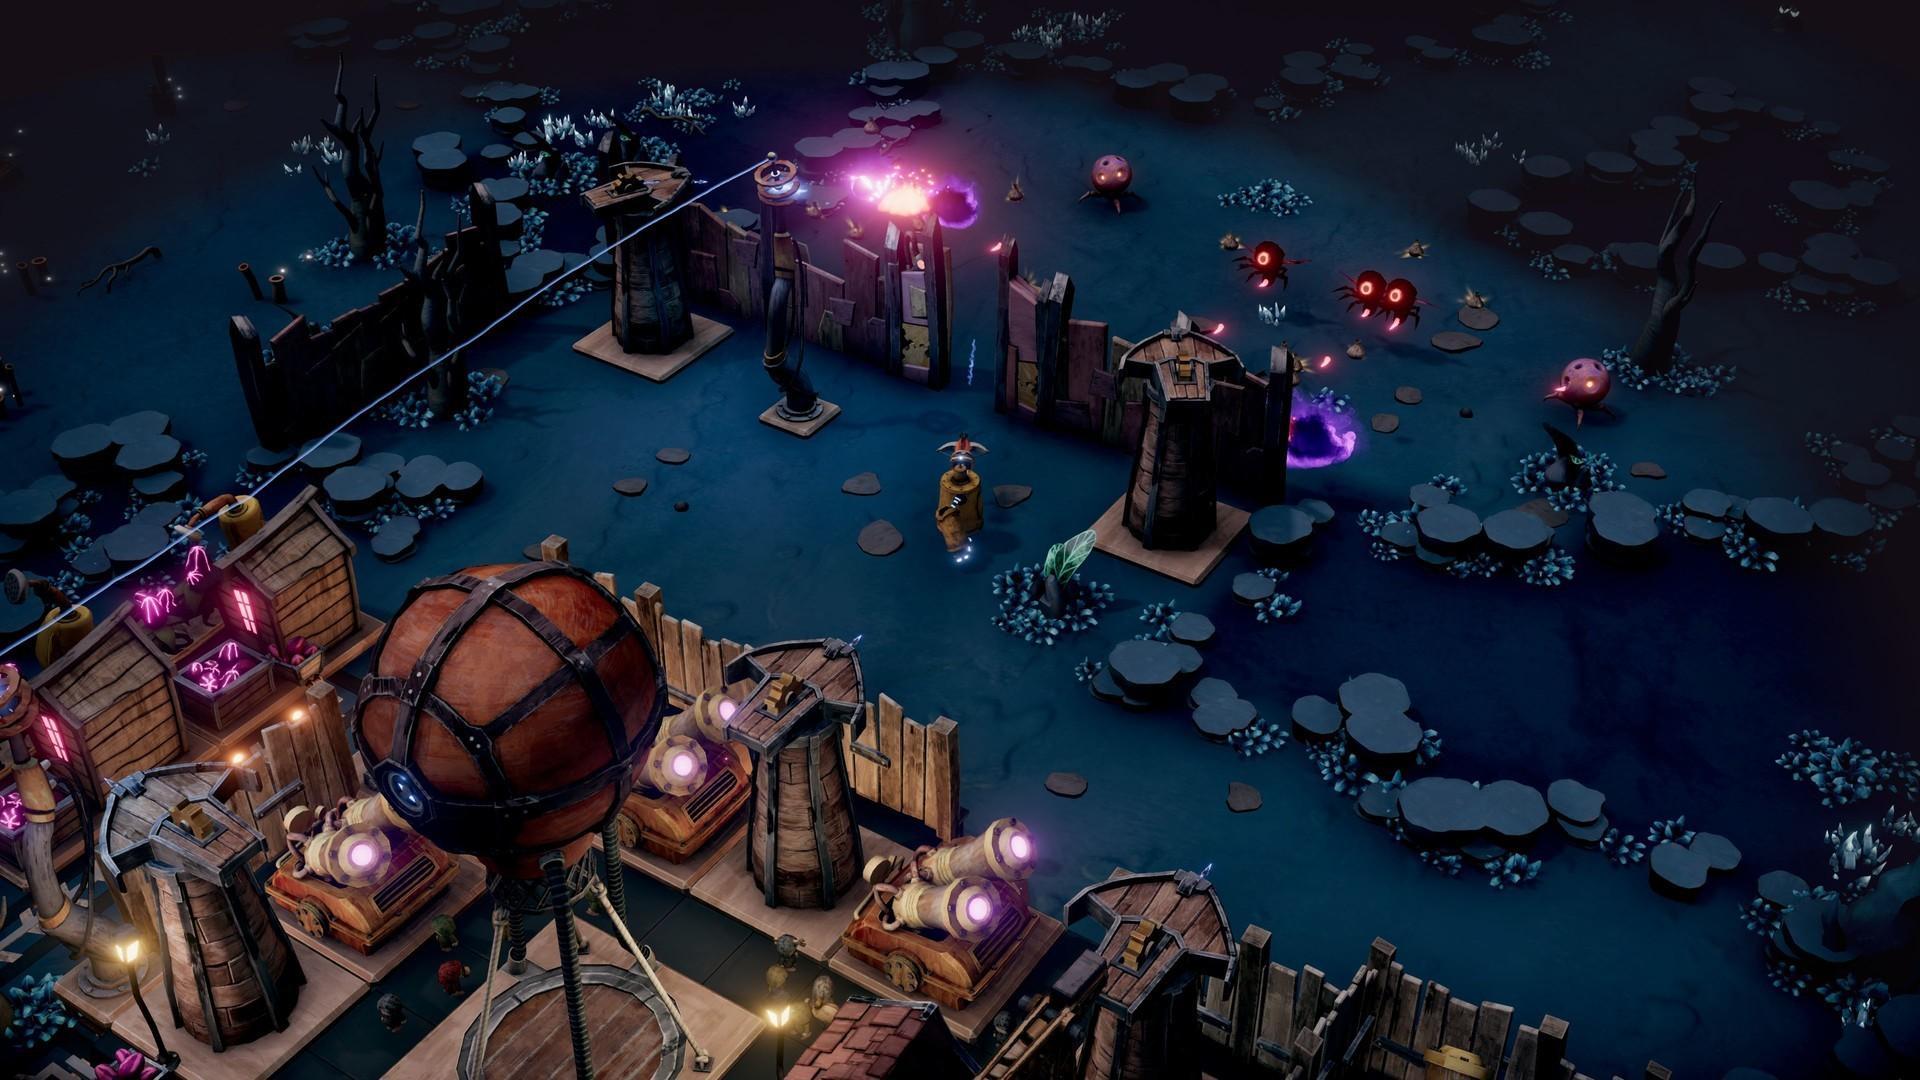 梦幻引擎:游牧城市图片